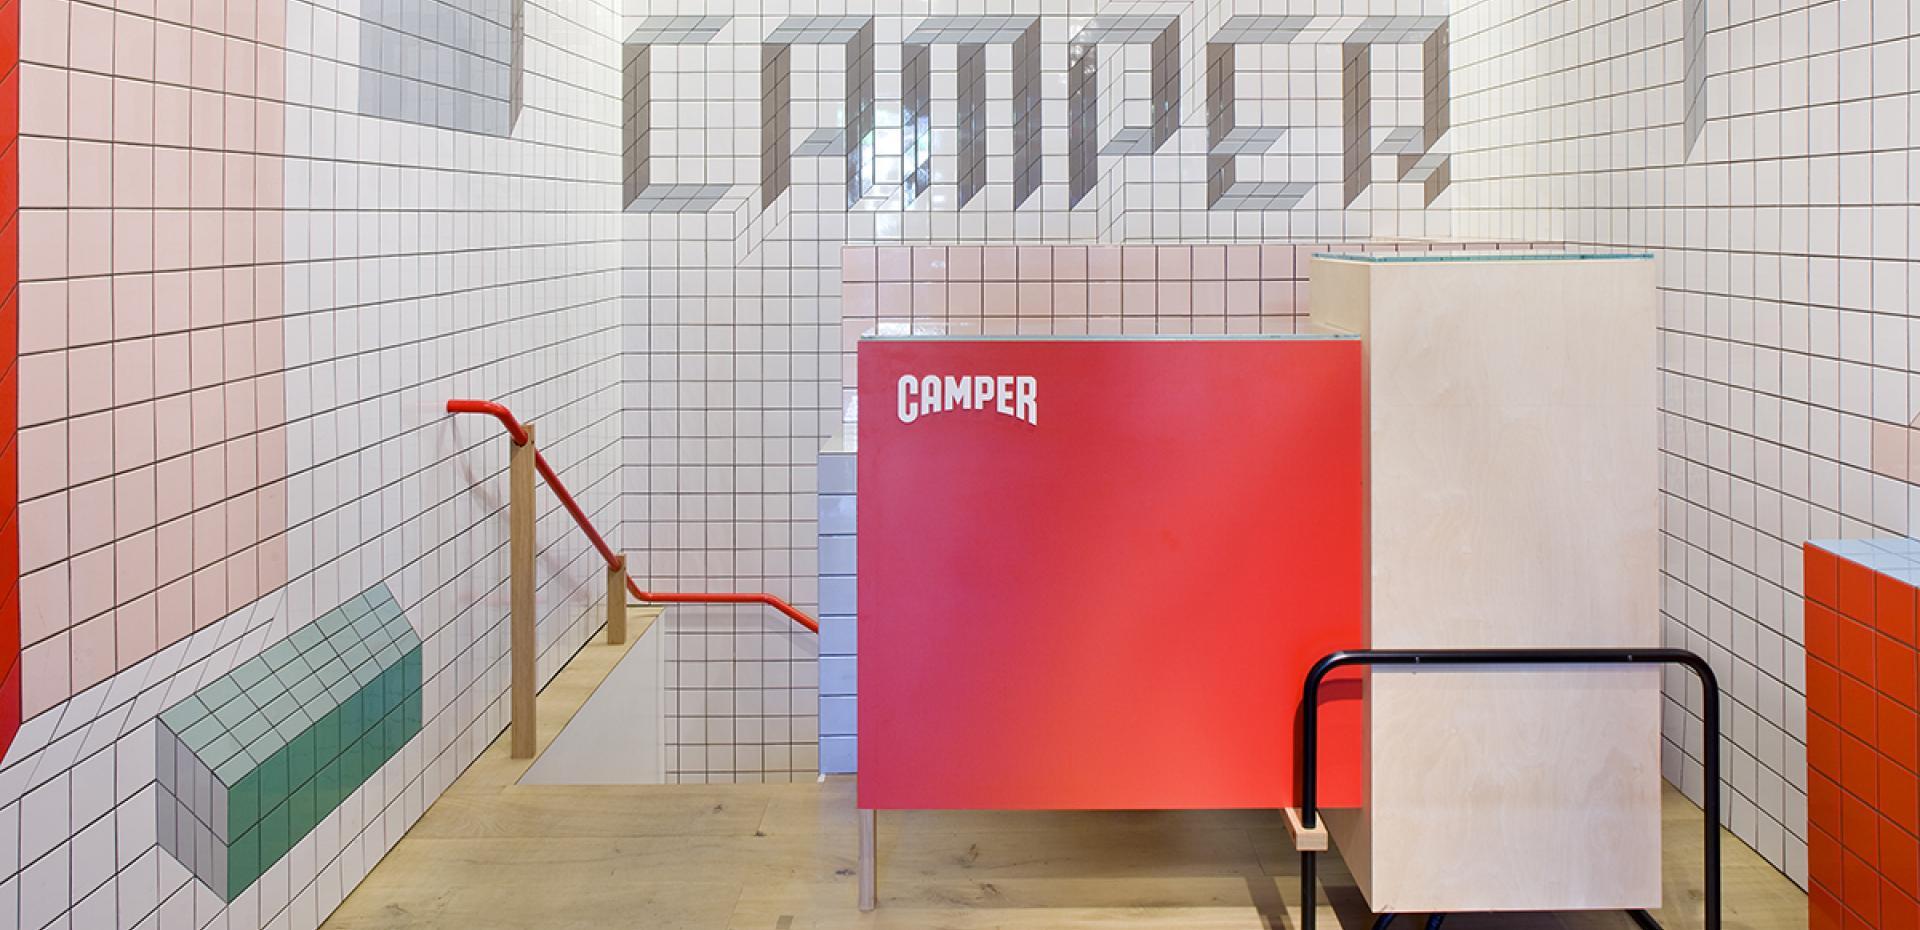 Negozio CAMPER Londra - Regno Unito